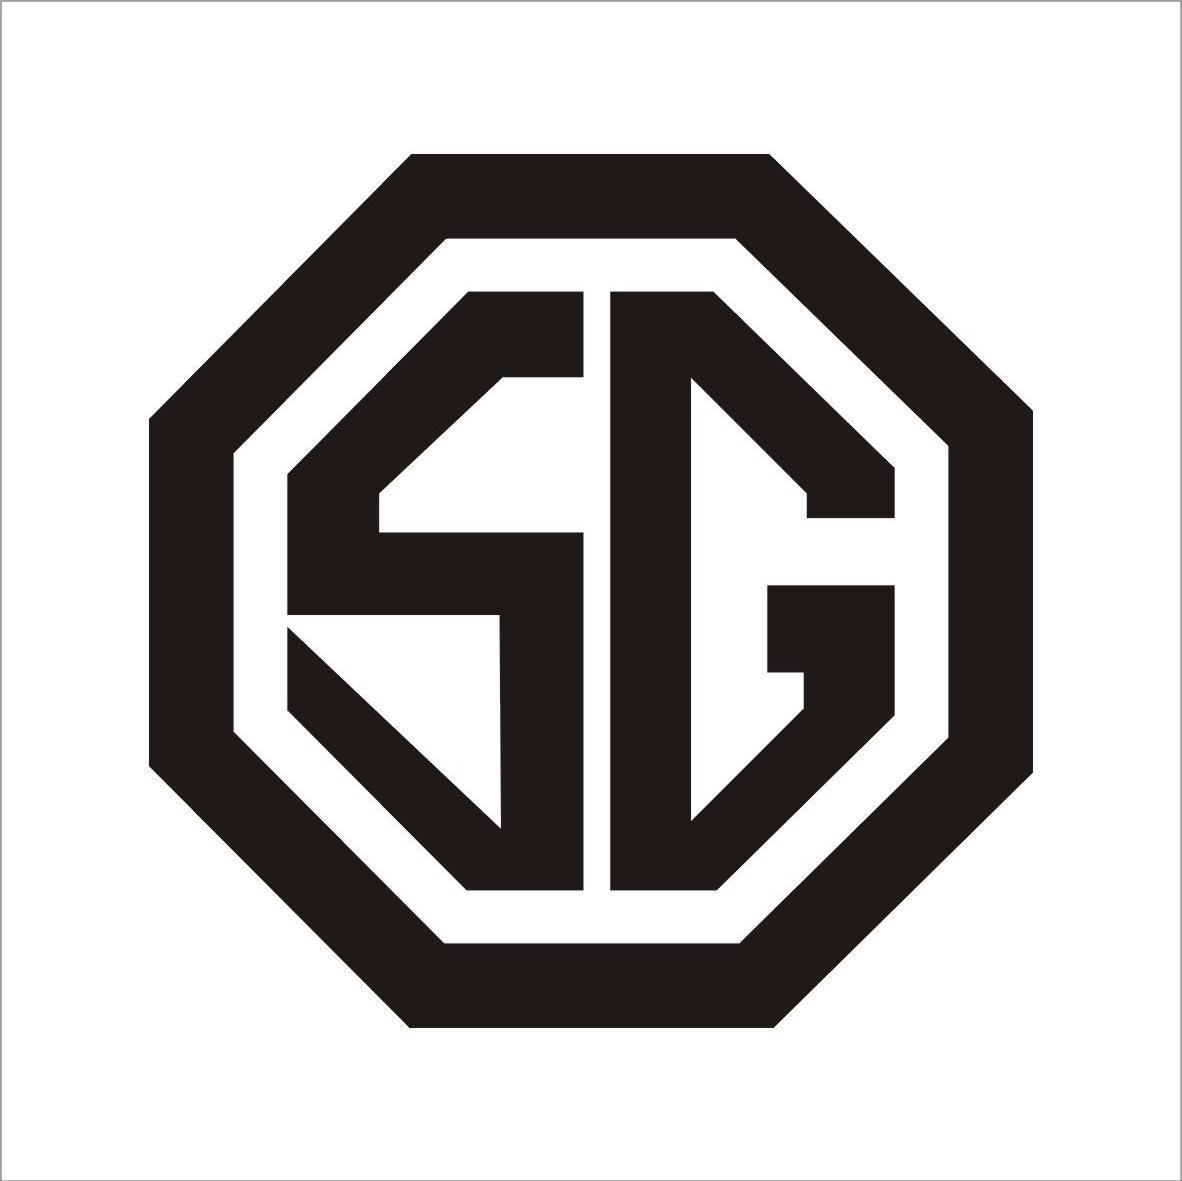 logo 标识 标志 设计 矢量 矢量图 素材 图标 1182_1181